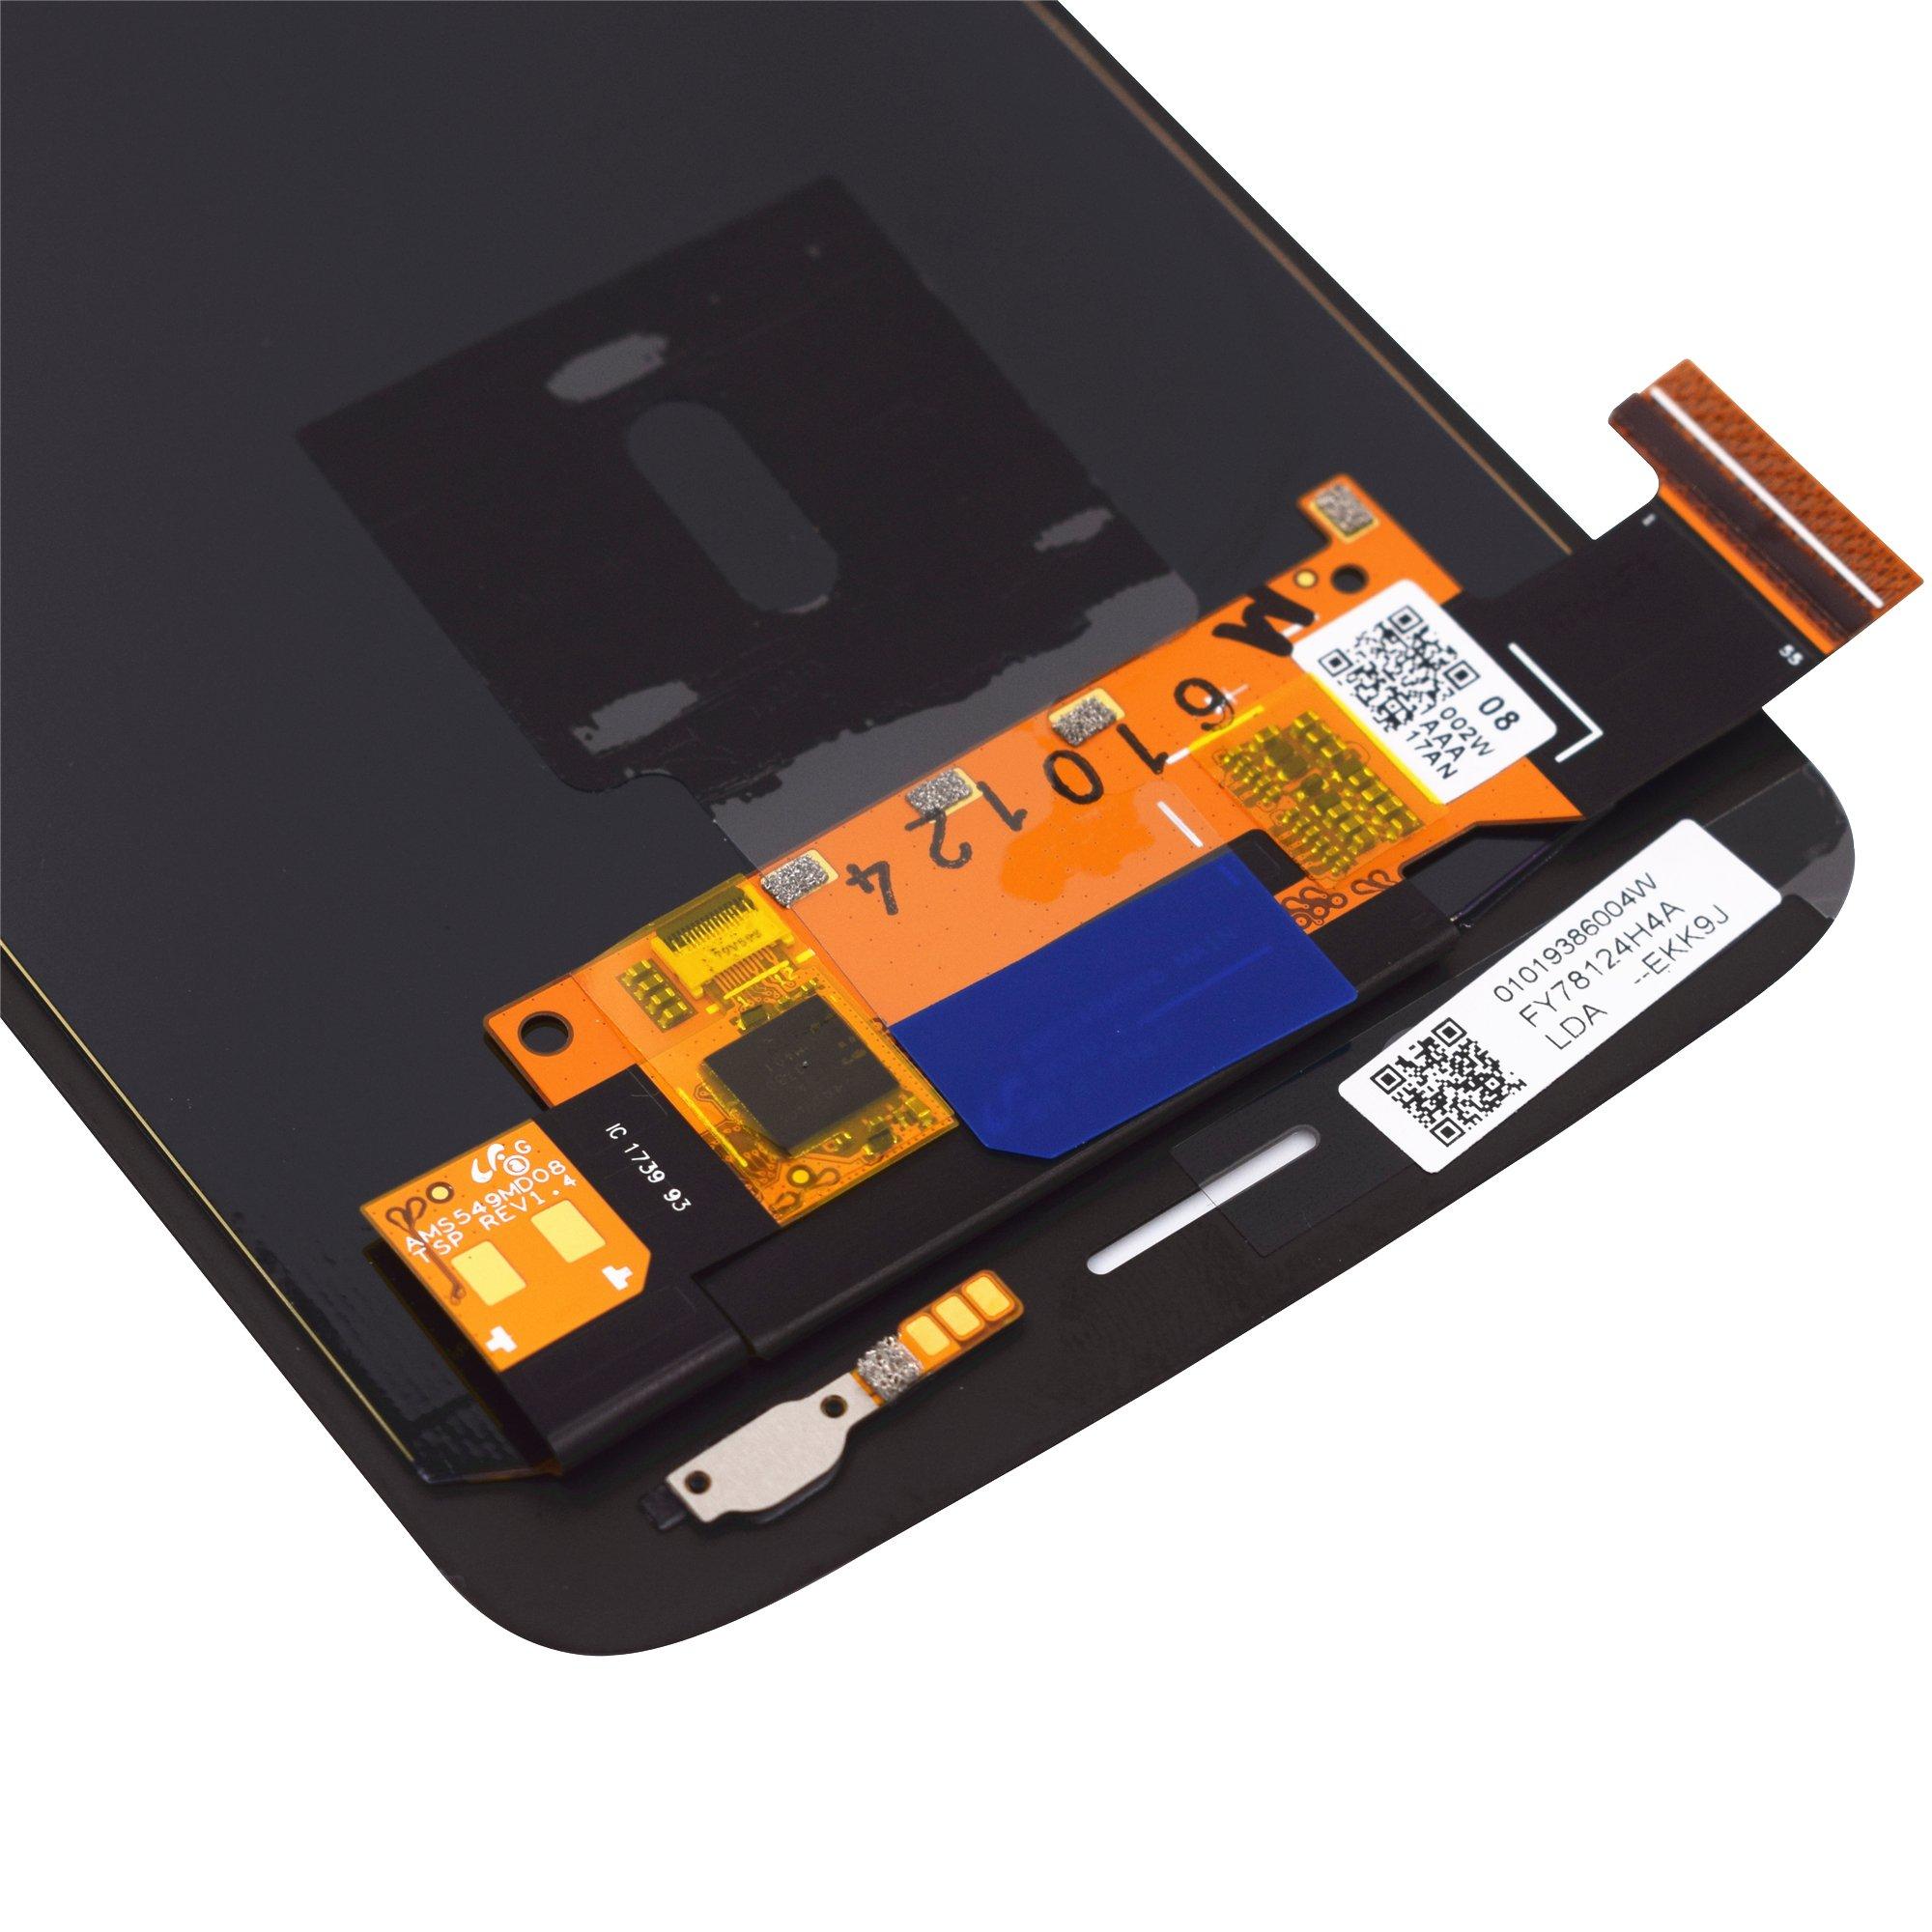 VEKIR Touch Display Digitizer Screen Replacement for Motorola Moto Z2 Play XT1710-01 XT1710-07 XT1710-10 XT1710-08(Black) by VEKIR (Image #6)